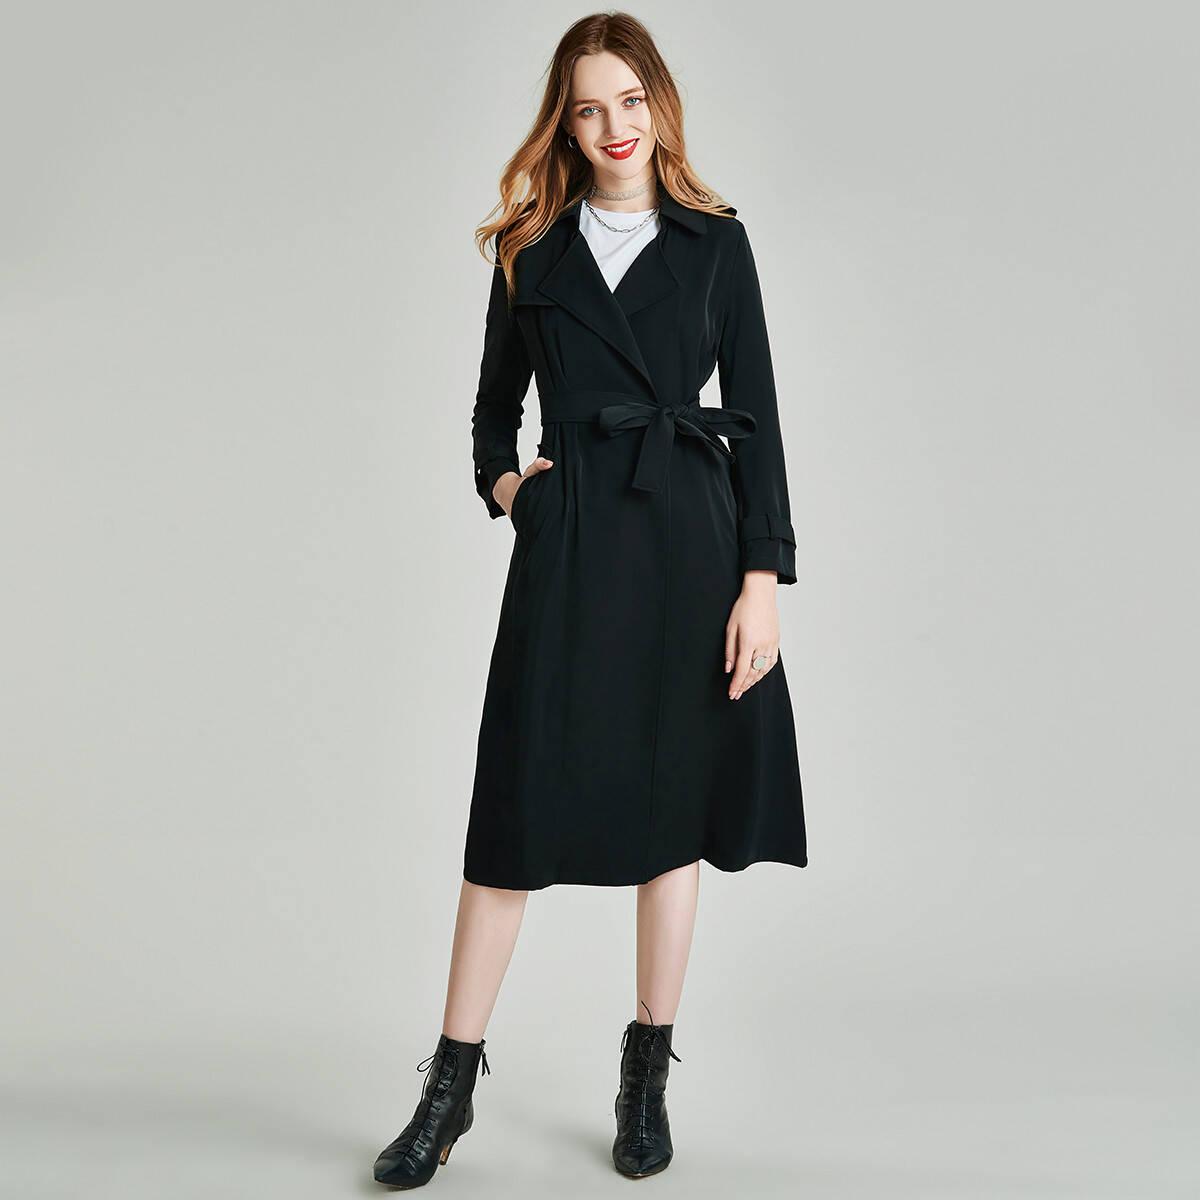 都市女性优选女装品牌 上饶戈蔓婷女装加盟演绎新时代